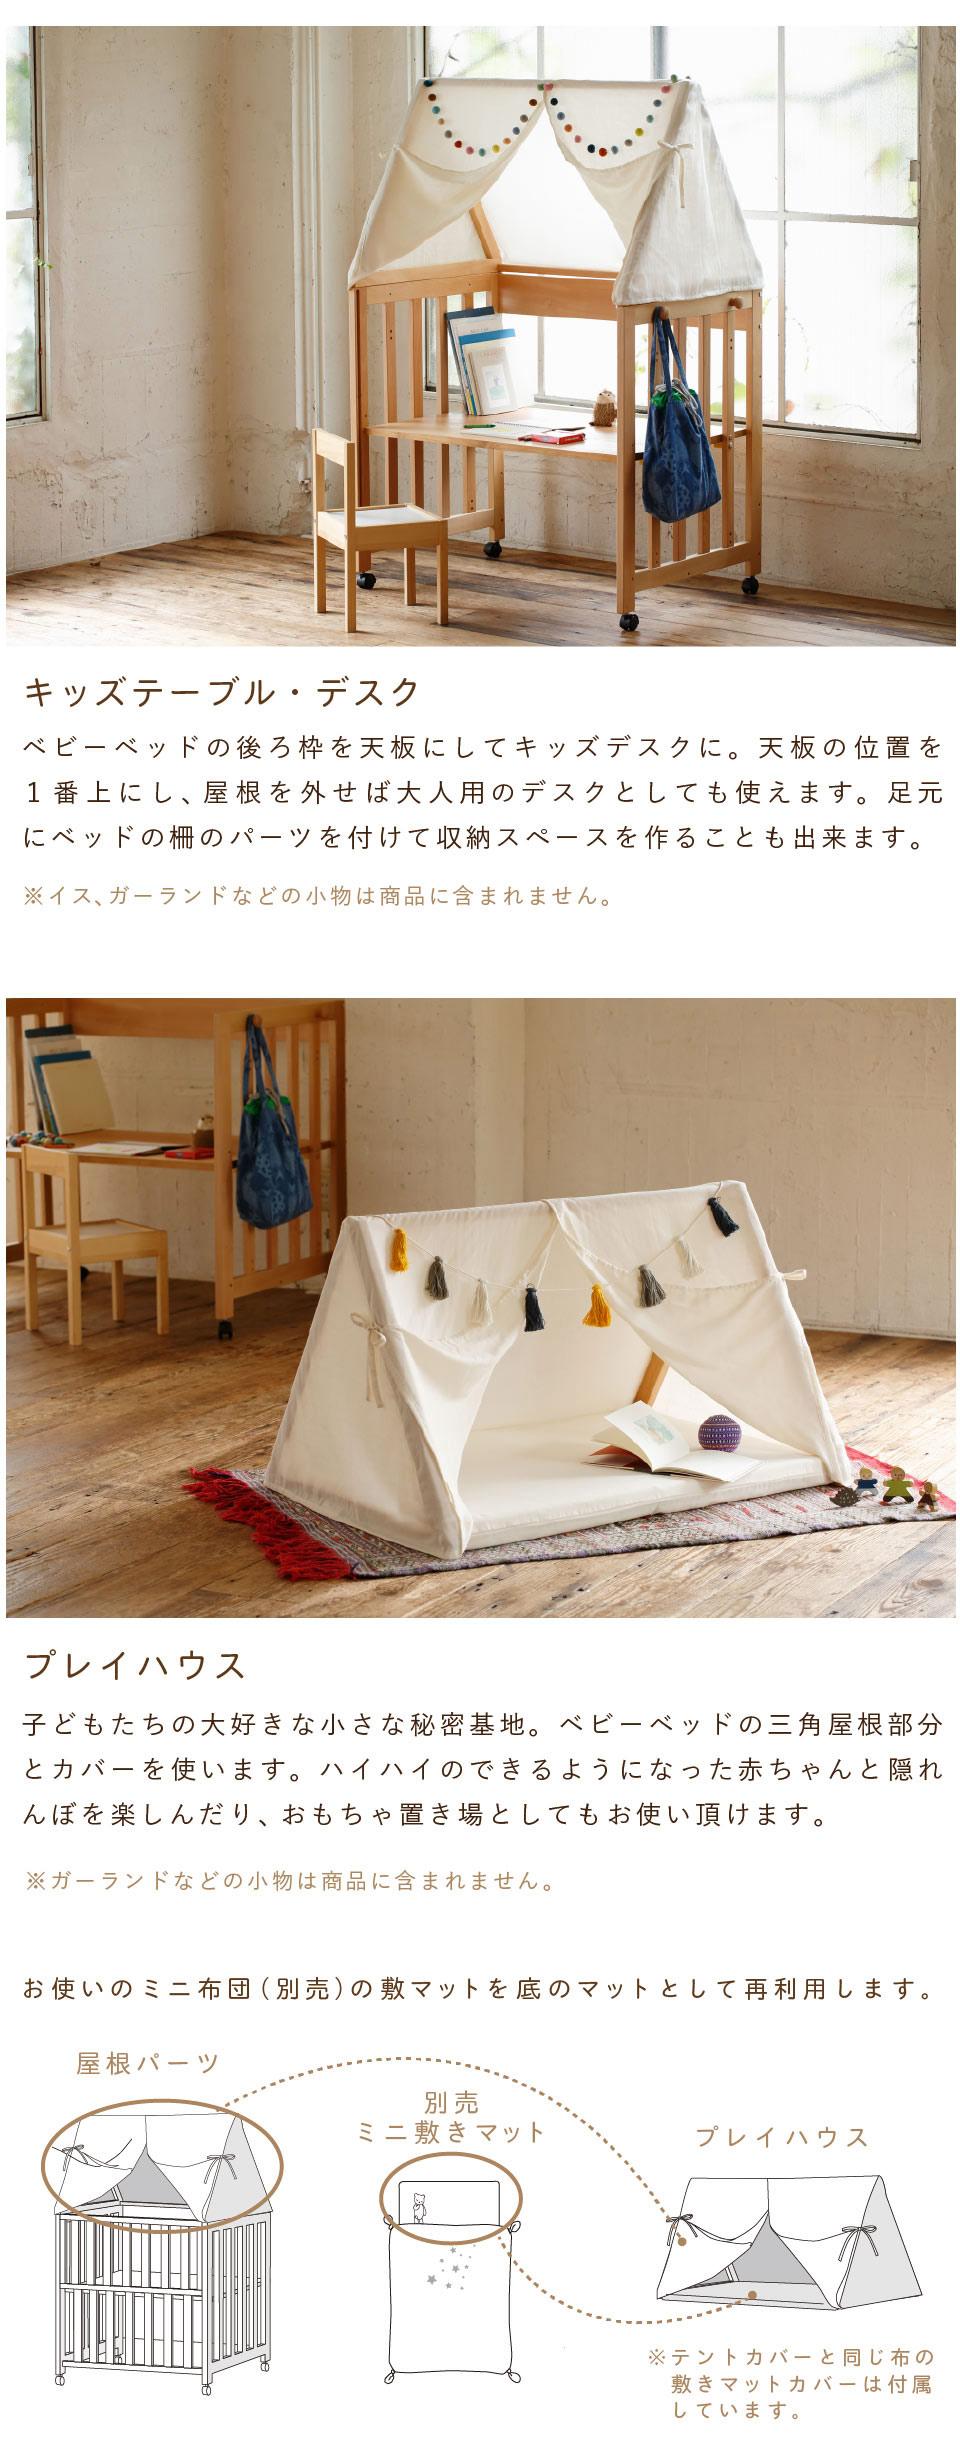 デスクやテントとしても使えるミニベビーベッド